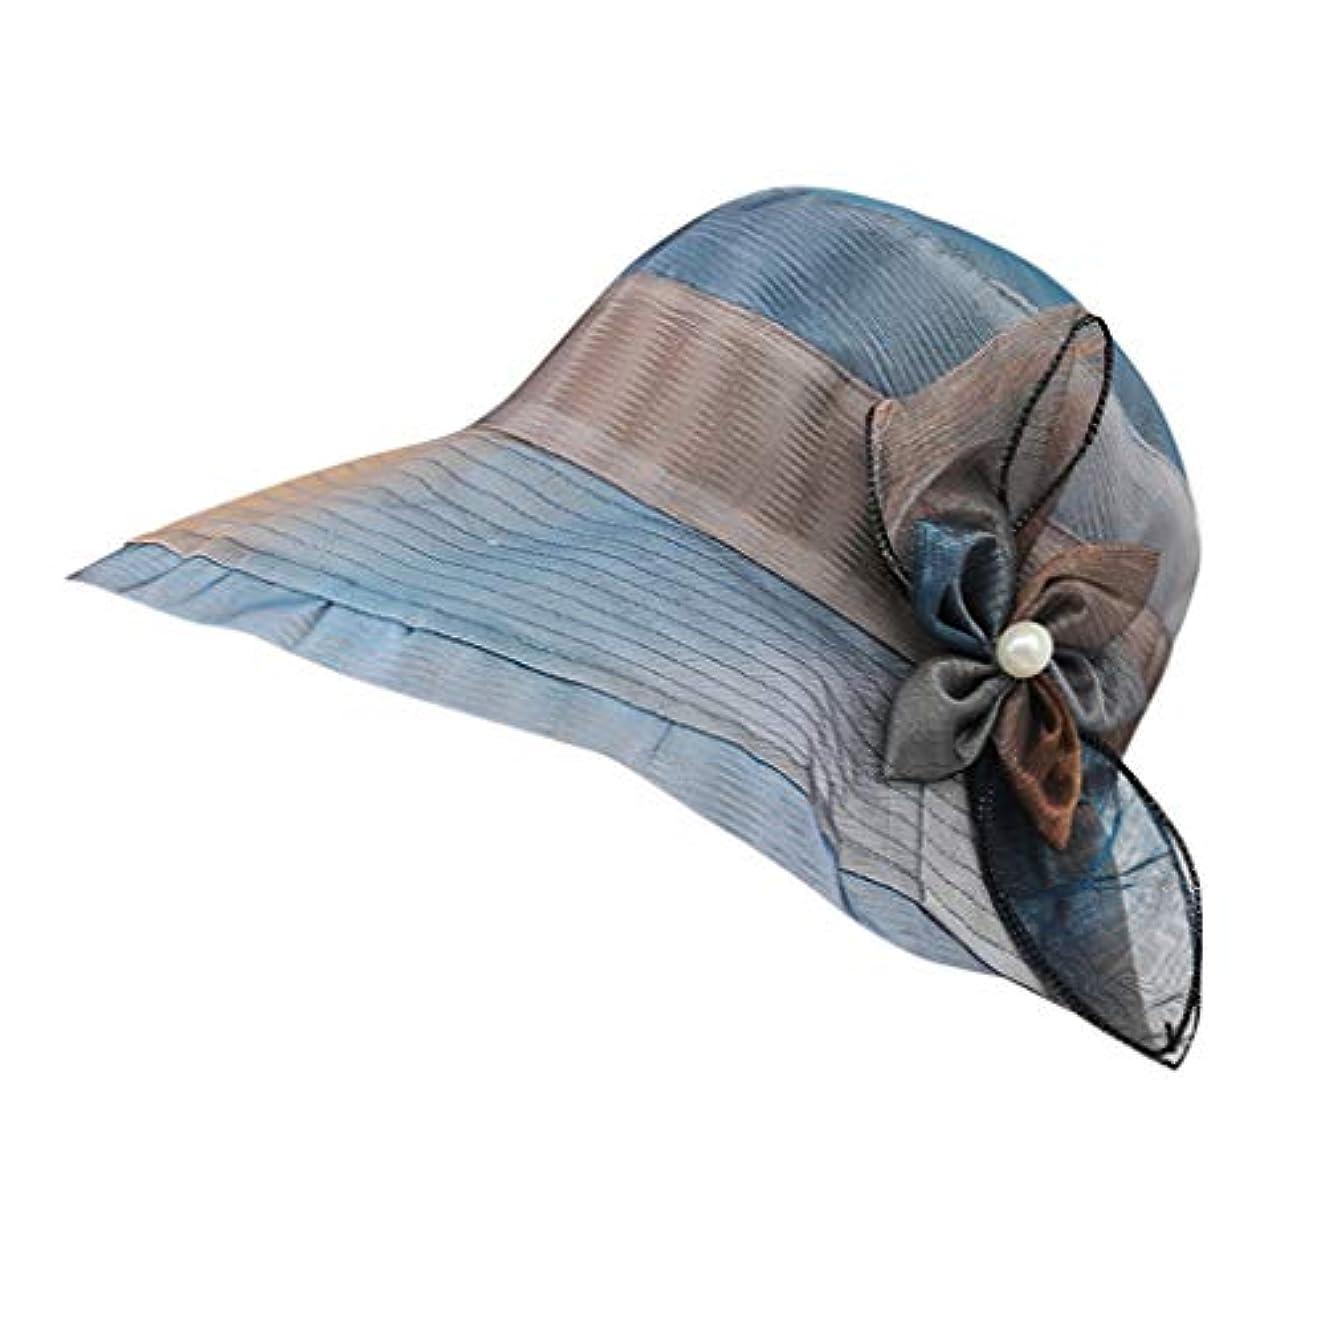 ブロックするリードシャープハット レディース UVカット 帽子 レディース 日よけ 帽子 レディース つば広 無地 洗える 紫外線対策 ハット カジュアル 旅行用 日よけ 夏季 女優帽 小顔効果抜群 可愛い 夏季 海 旅行 ROSE ROMAN